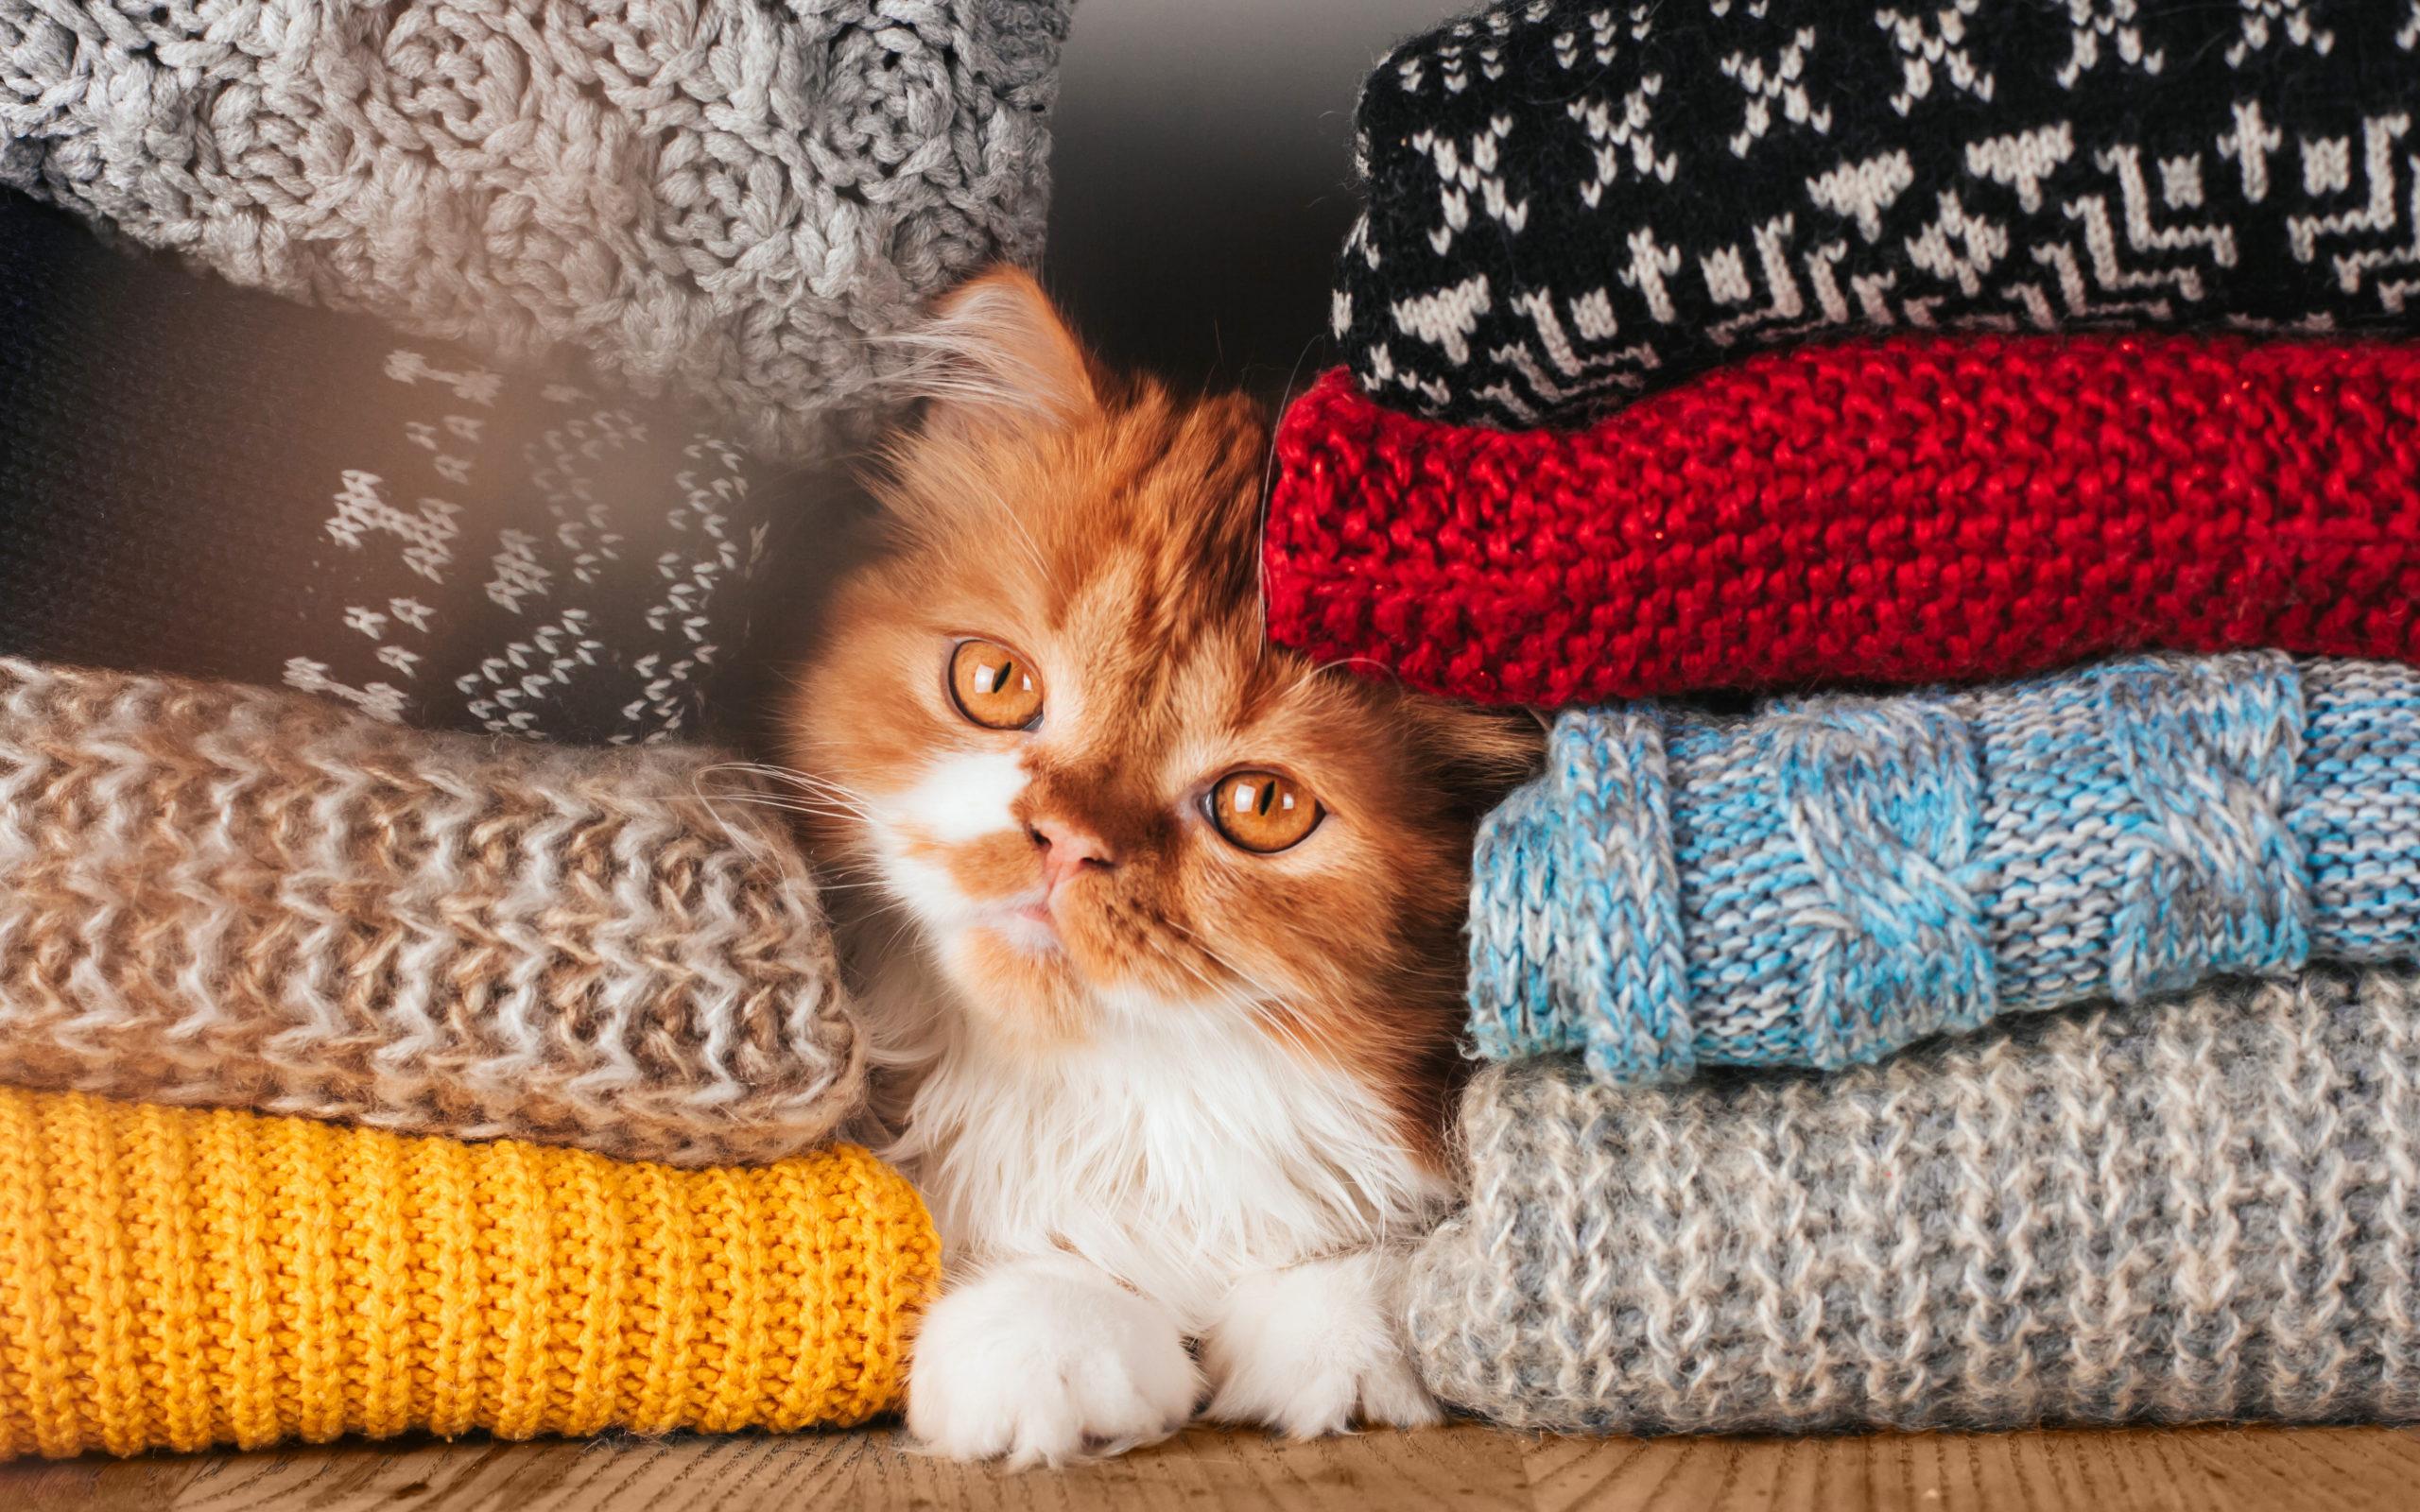 ネコウオッチングは好きですか?【自宅でもネコの魅力が隠れている】